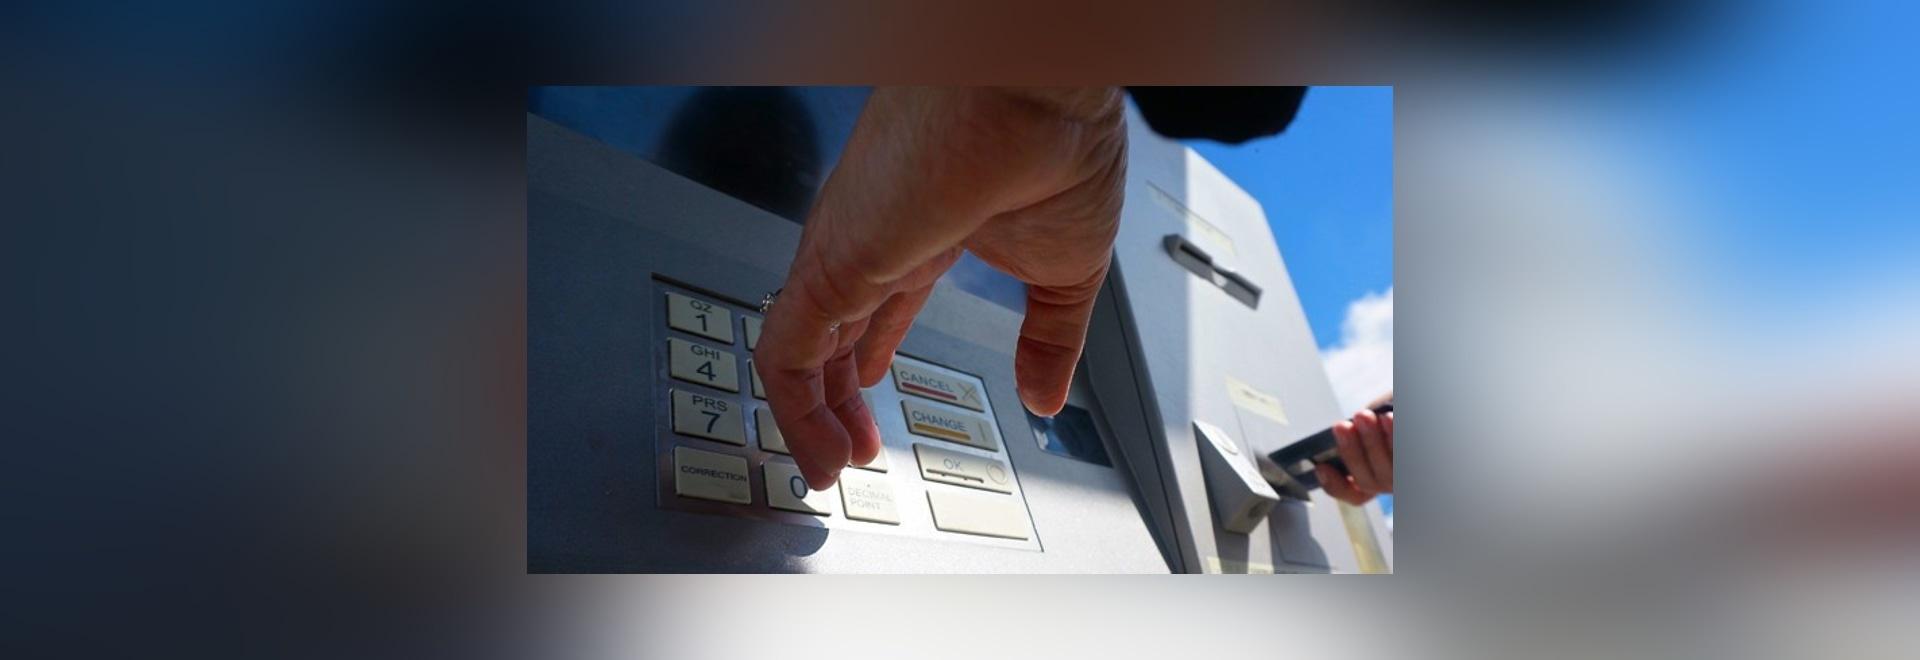 Silberne Ionenmit Berührungseingabe Bildschirme konnten ATMs sicherer bilden